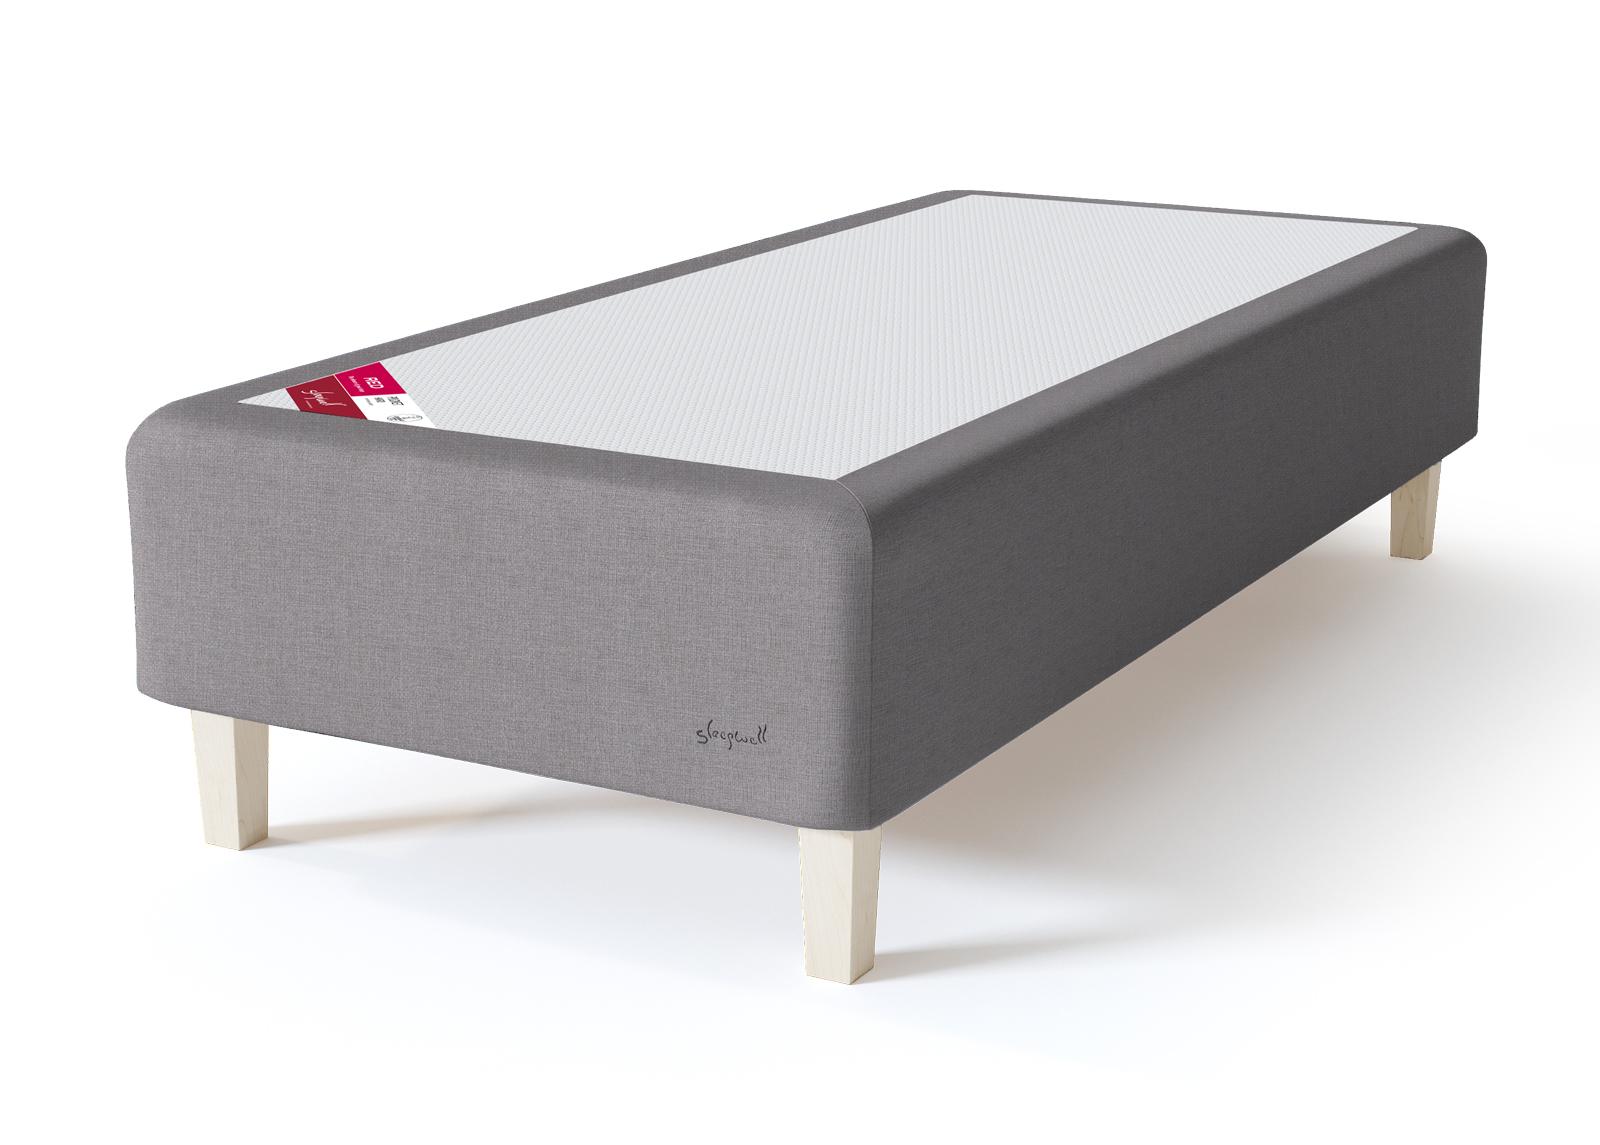 Sleepwell jenkkisänky RED Pocket jäykkä 80x200 cm